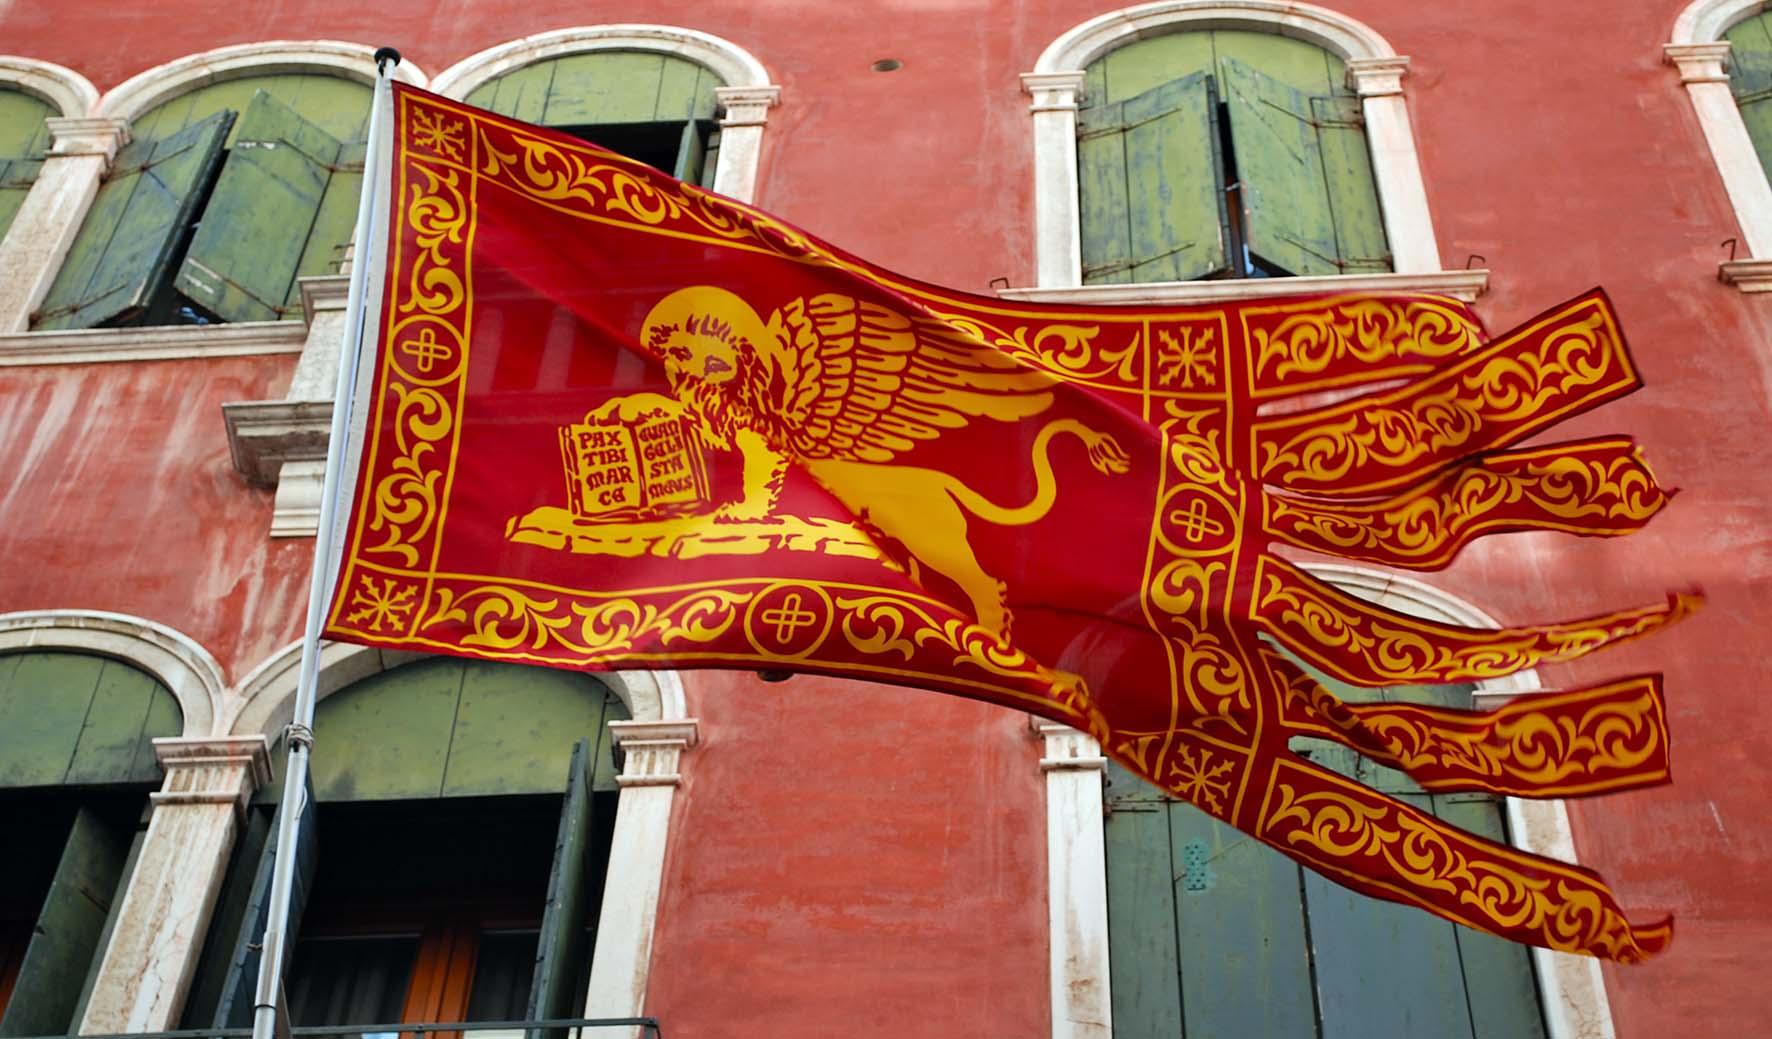 sostegno al commercio e ai ricercatori gonfalone leone autonomia gonfalone bandiera veneto maggiore autonomia